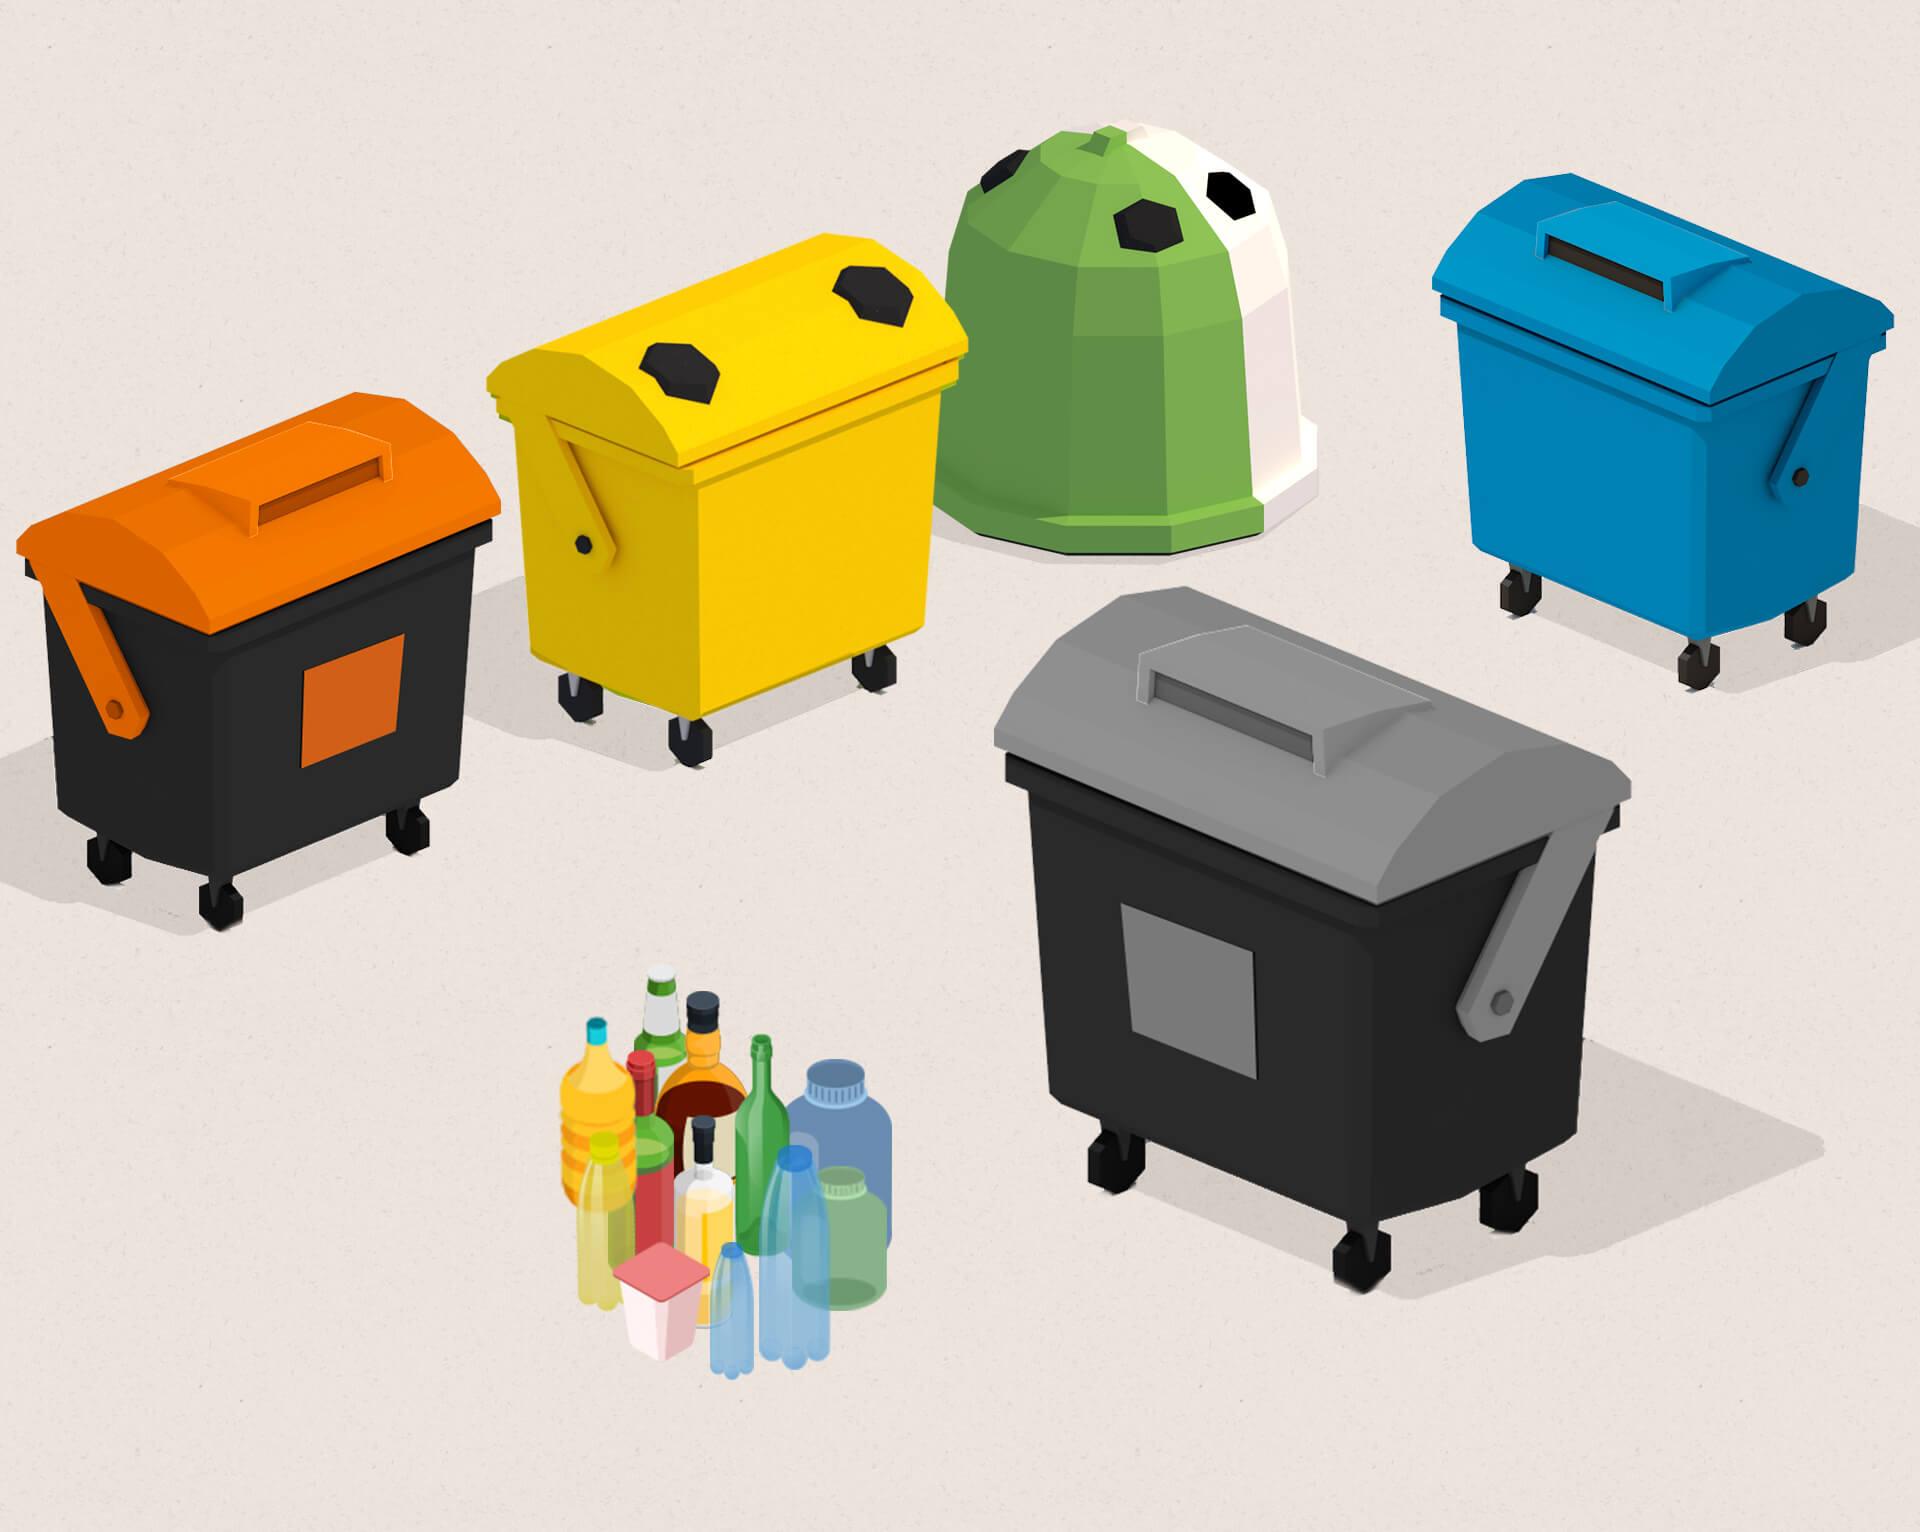 kontejner_napojove_kartony_kovy_papir_plast_sklo